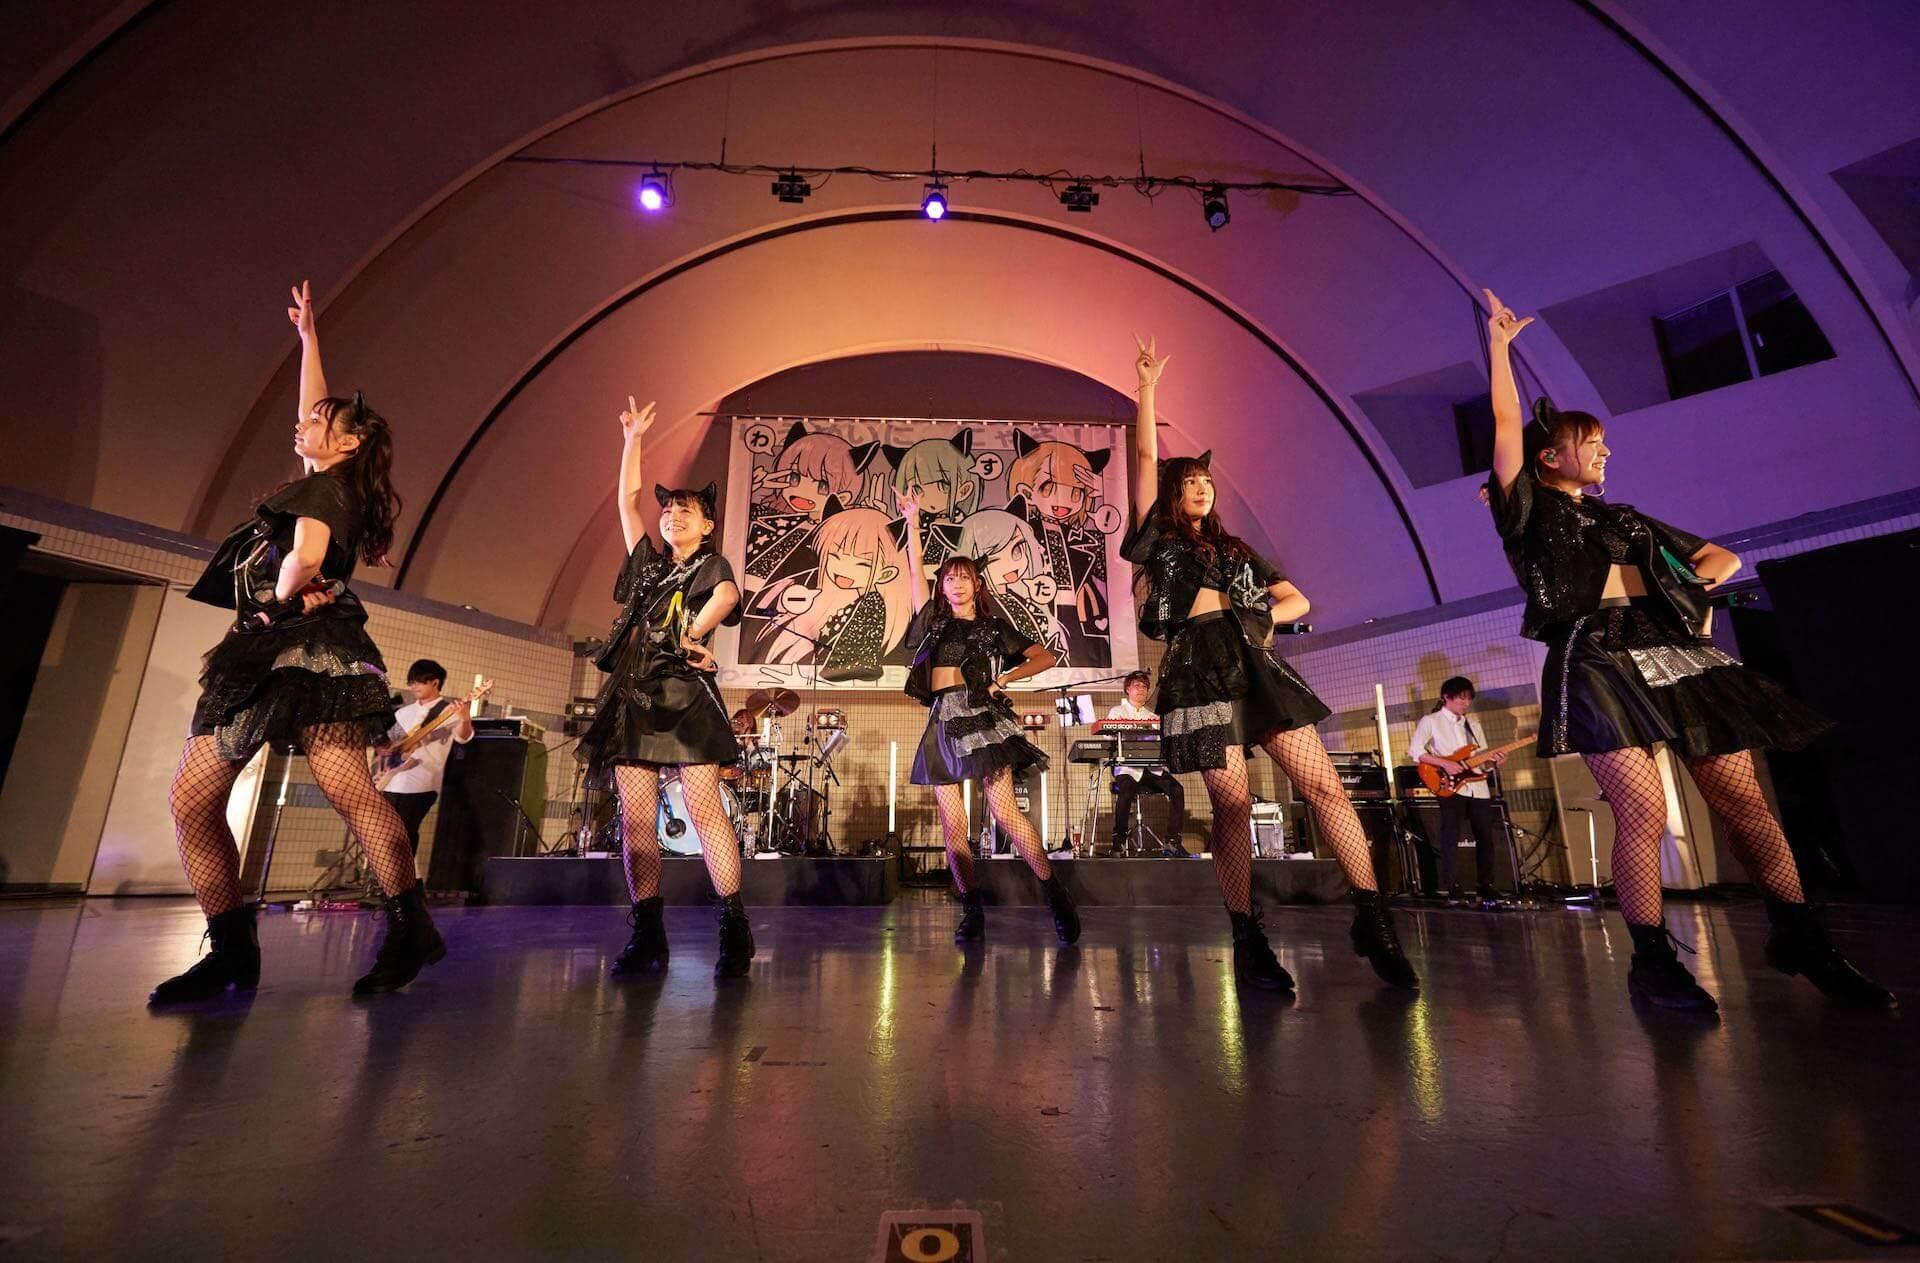 わーすた、代々木野外音楽堂でのFREE LIVE敢行で3,000人が大集結! art191009_waasuta_5